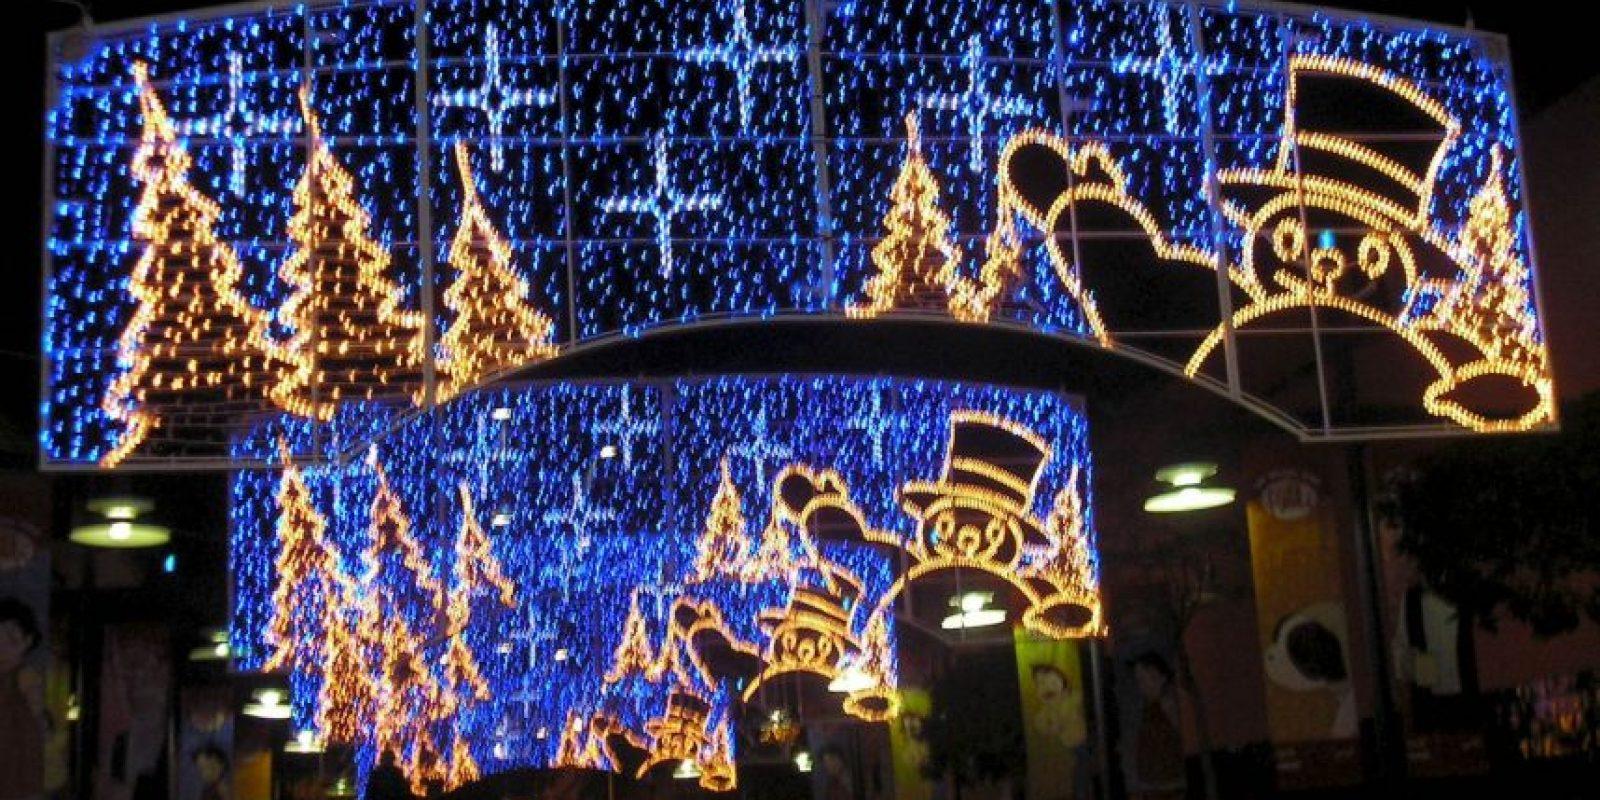 En el 1900, ocho años después de que General Electric comprara los derechos de la patente para las bombillas de Edison, apareció el primer anuncio conocido de luces para el árbol de Navidad en la revista Scientific American. Foto:Wikicommons